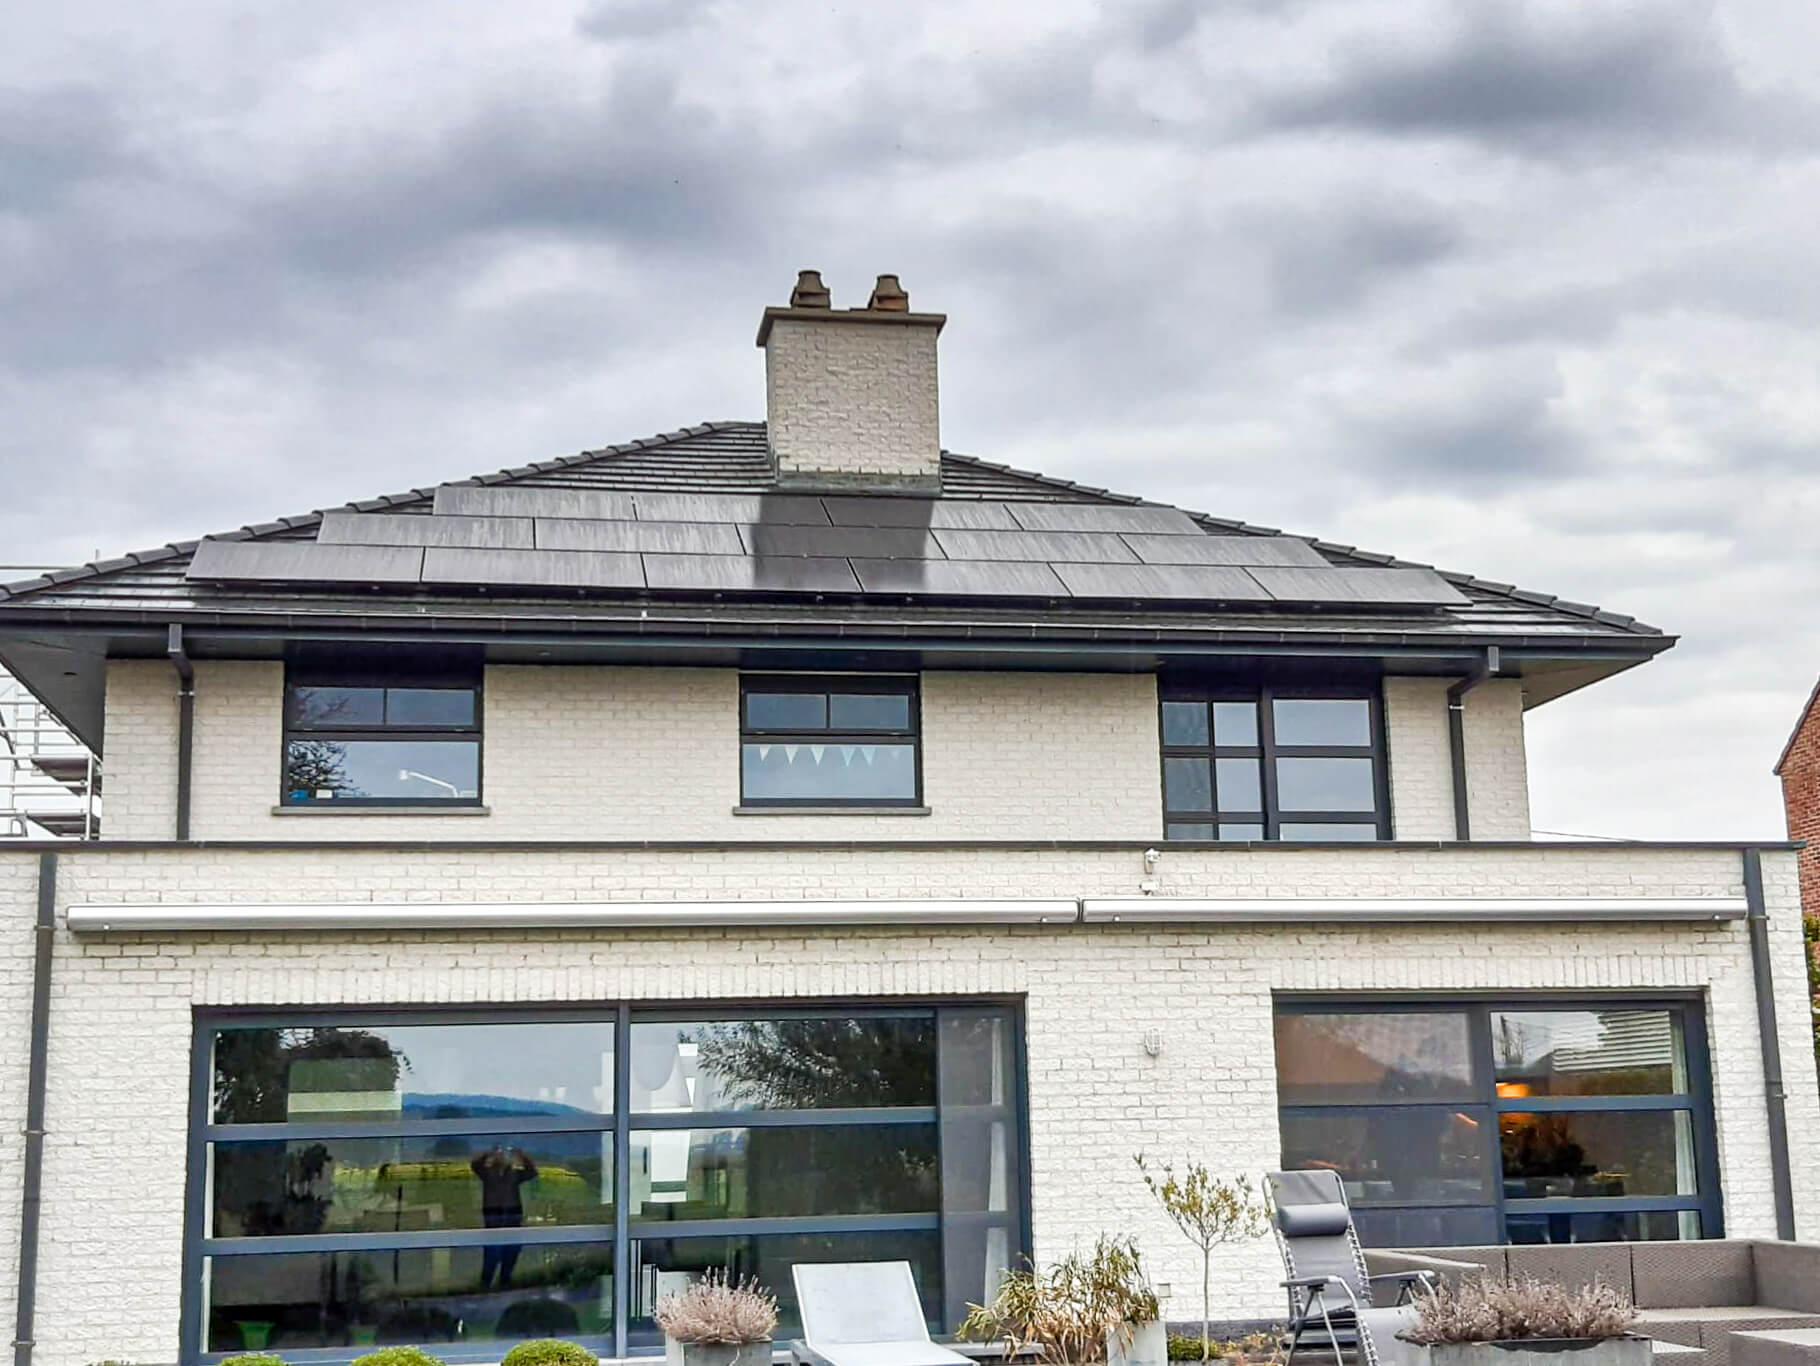 15 zonnepanelen op het dak van een grote woning met witte gevelsteen tegen een bewolkte hemel in het waasland.